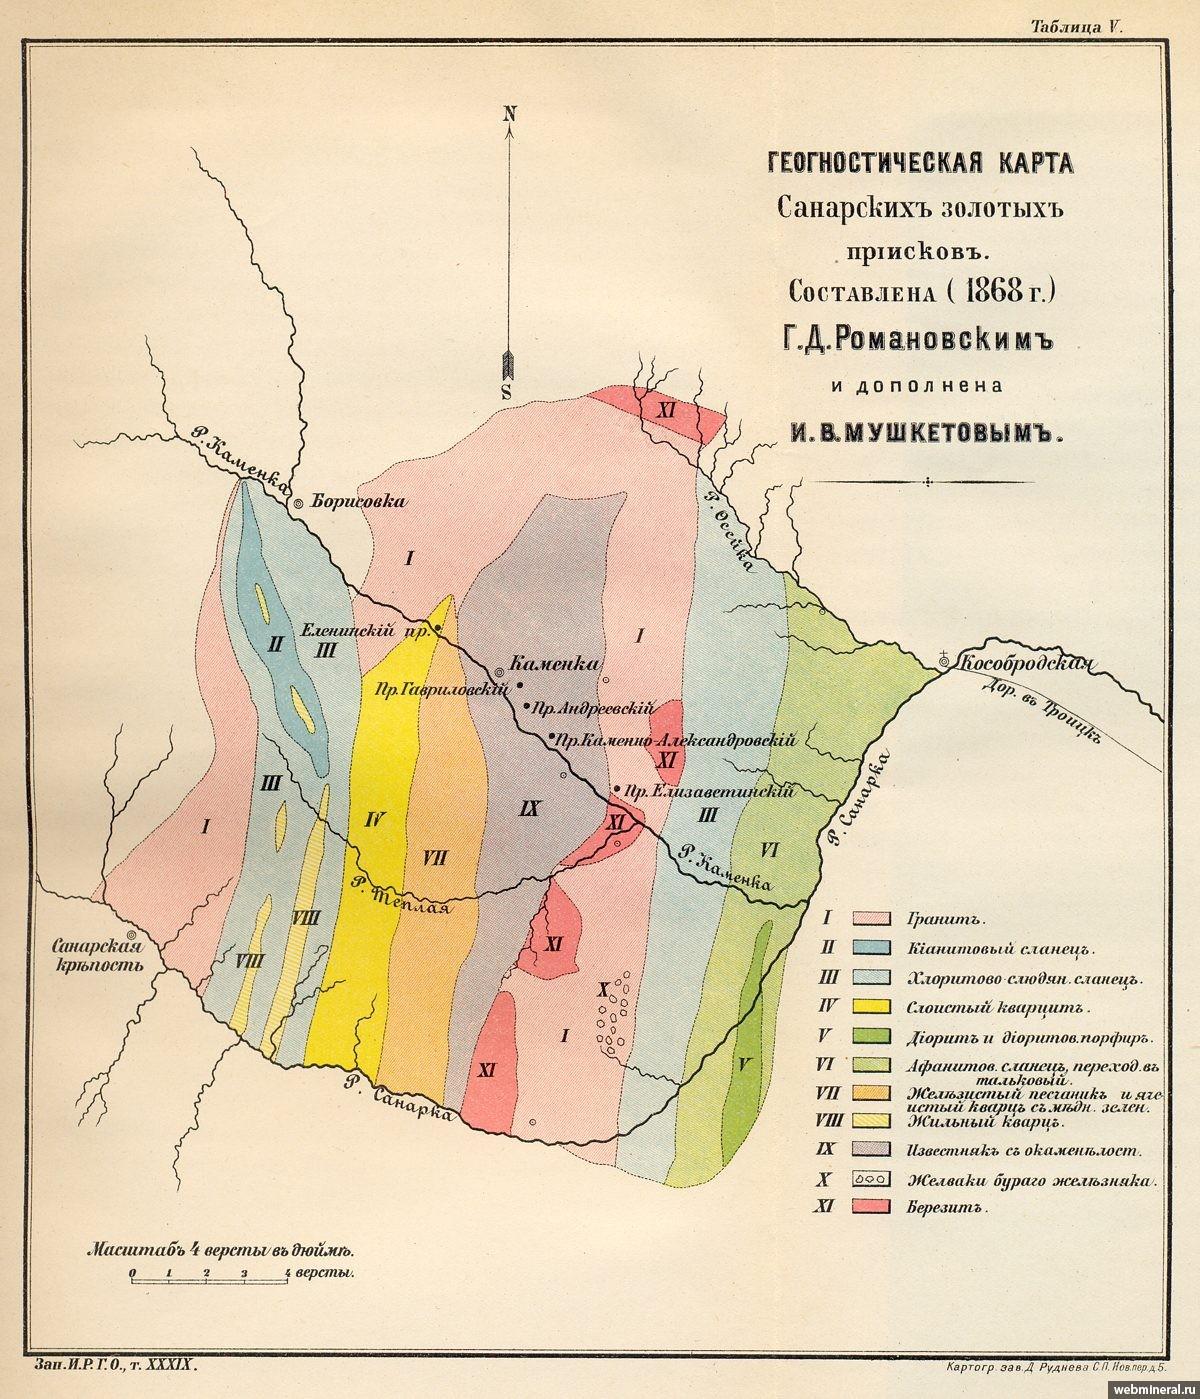 геологические карты россии золото того